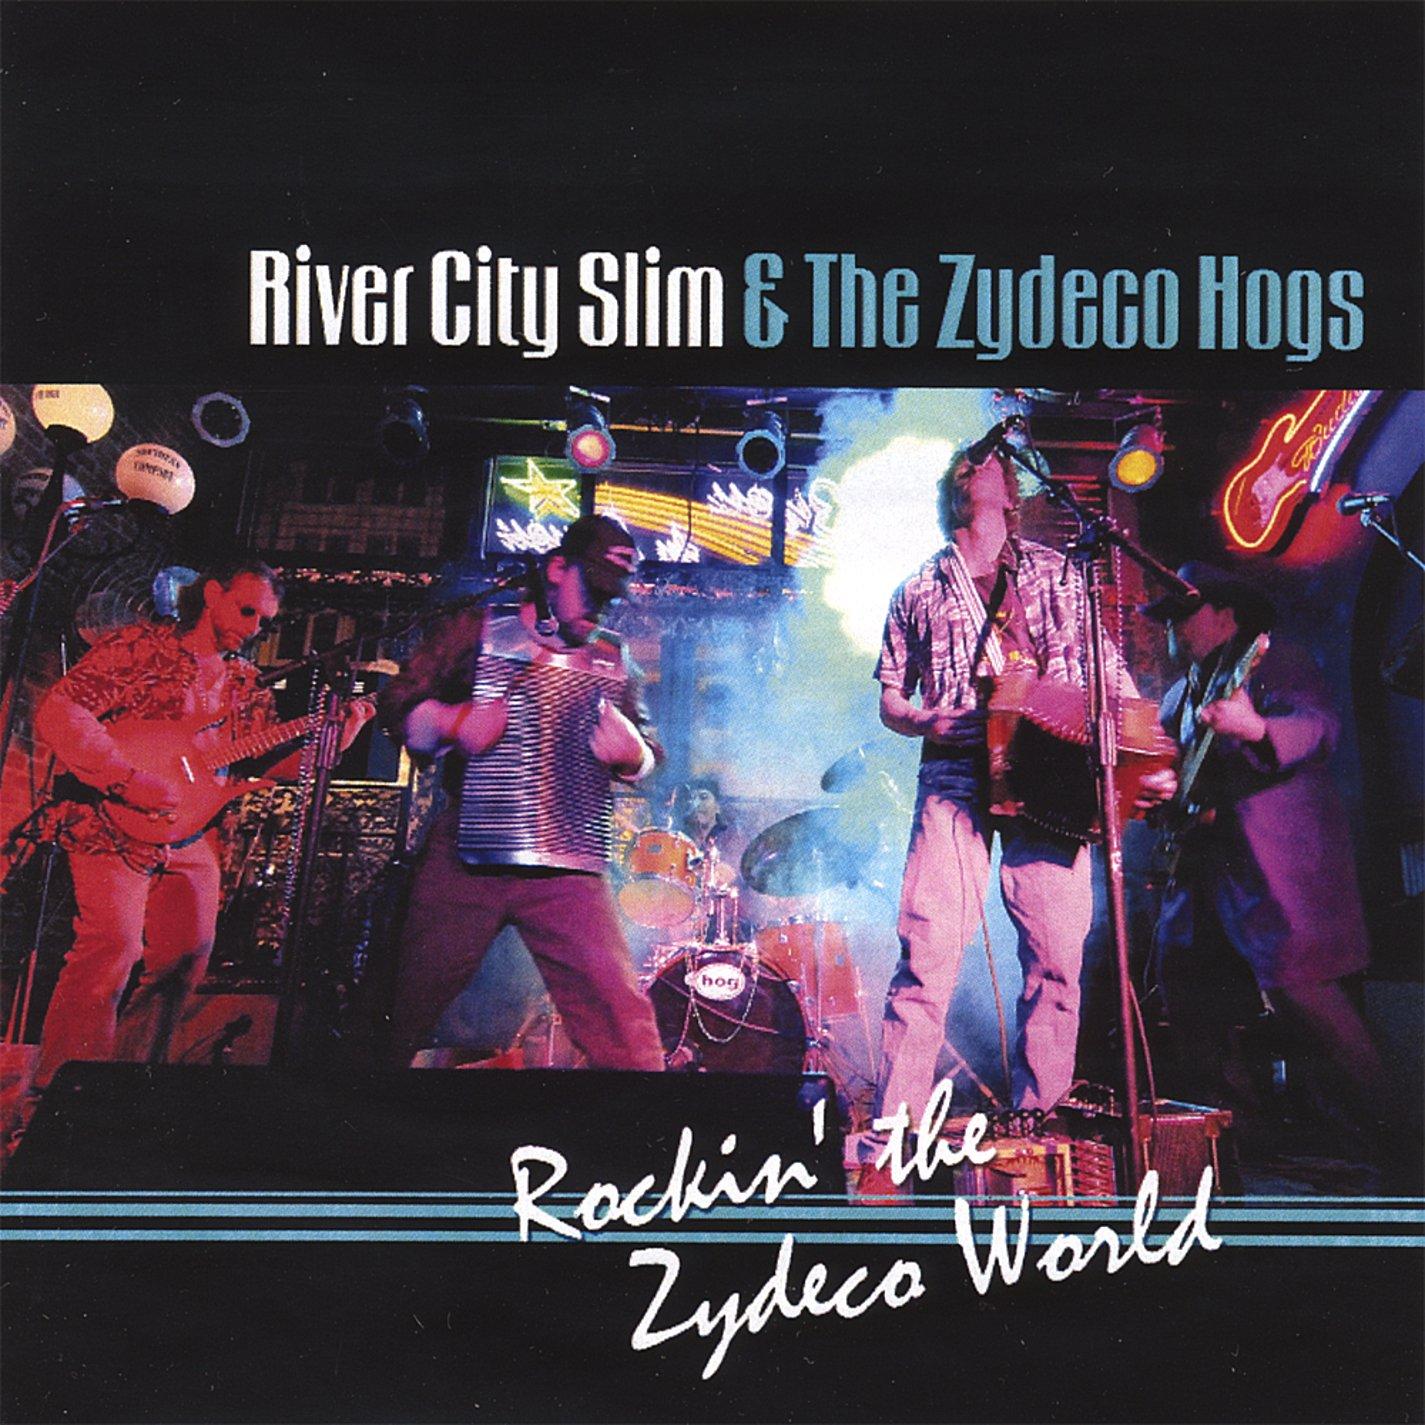 Rockin' the Zydeco World                                                                                                                                                                                                                                                    <span class=